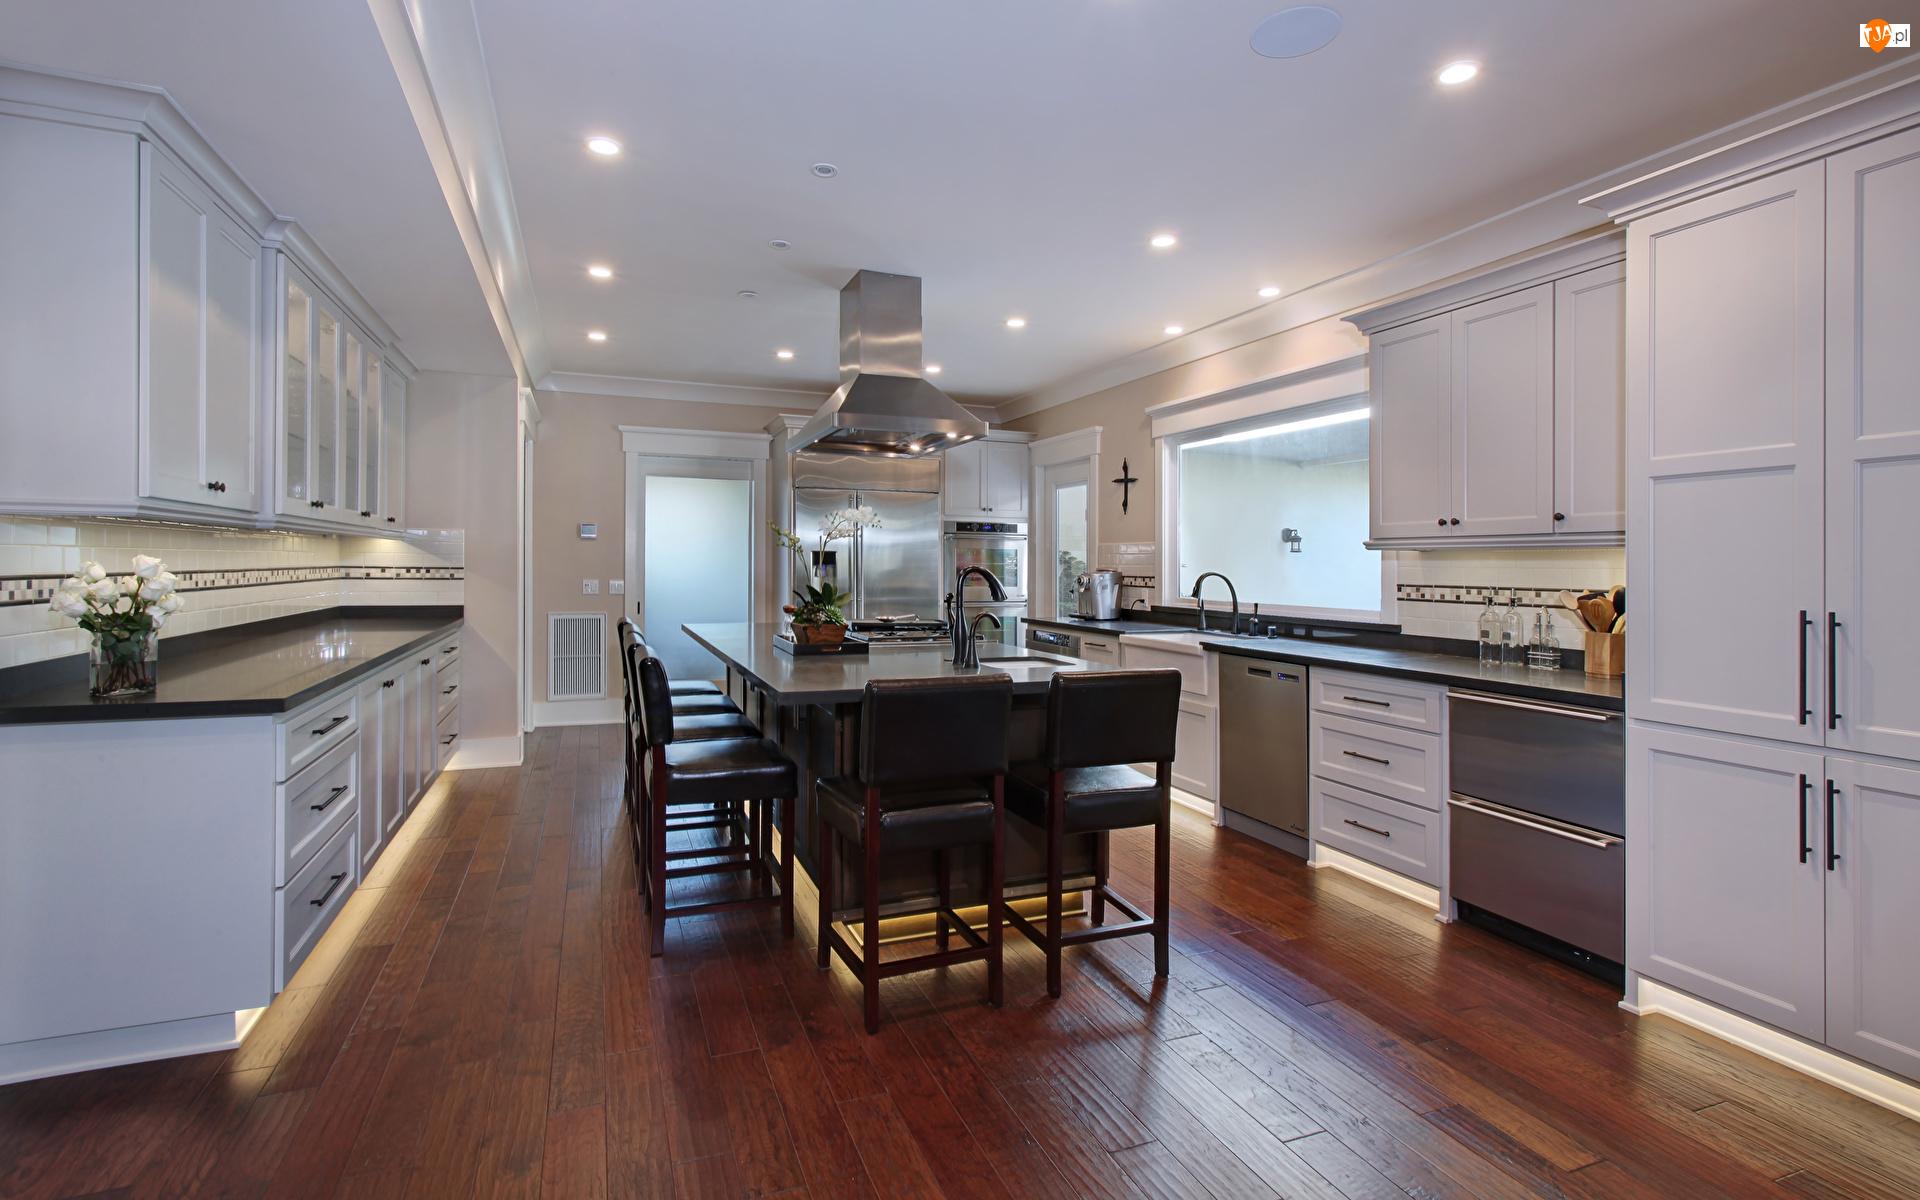 Białe, Kuchnia, Wyspa kuchenna, Okno, Meble, Krzesła